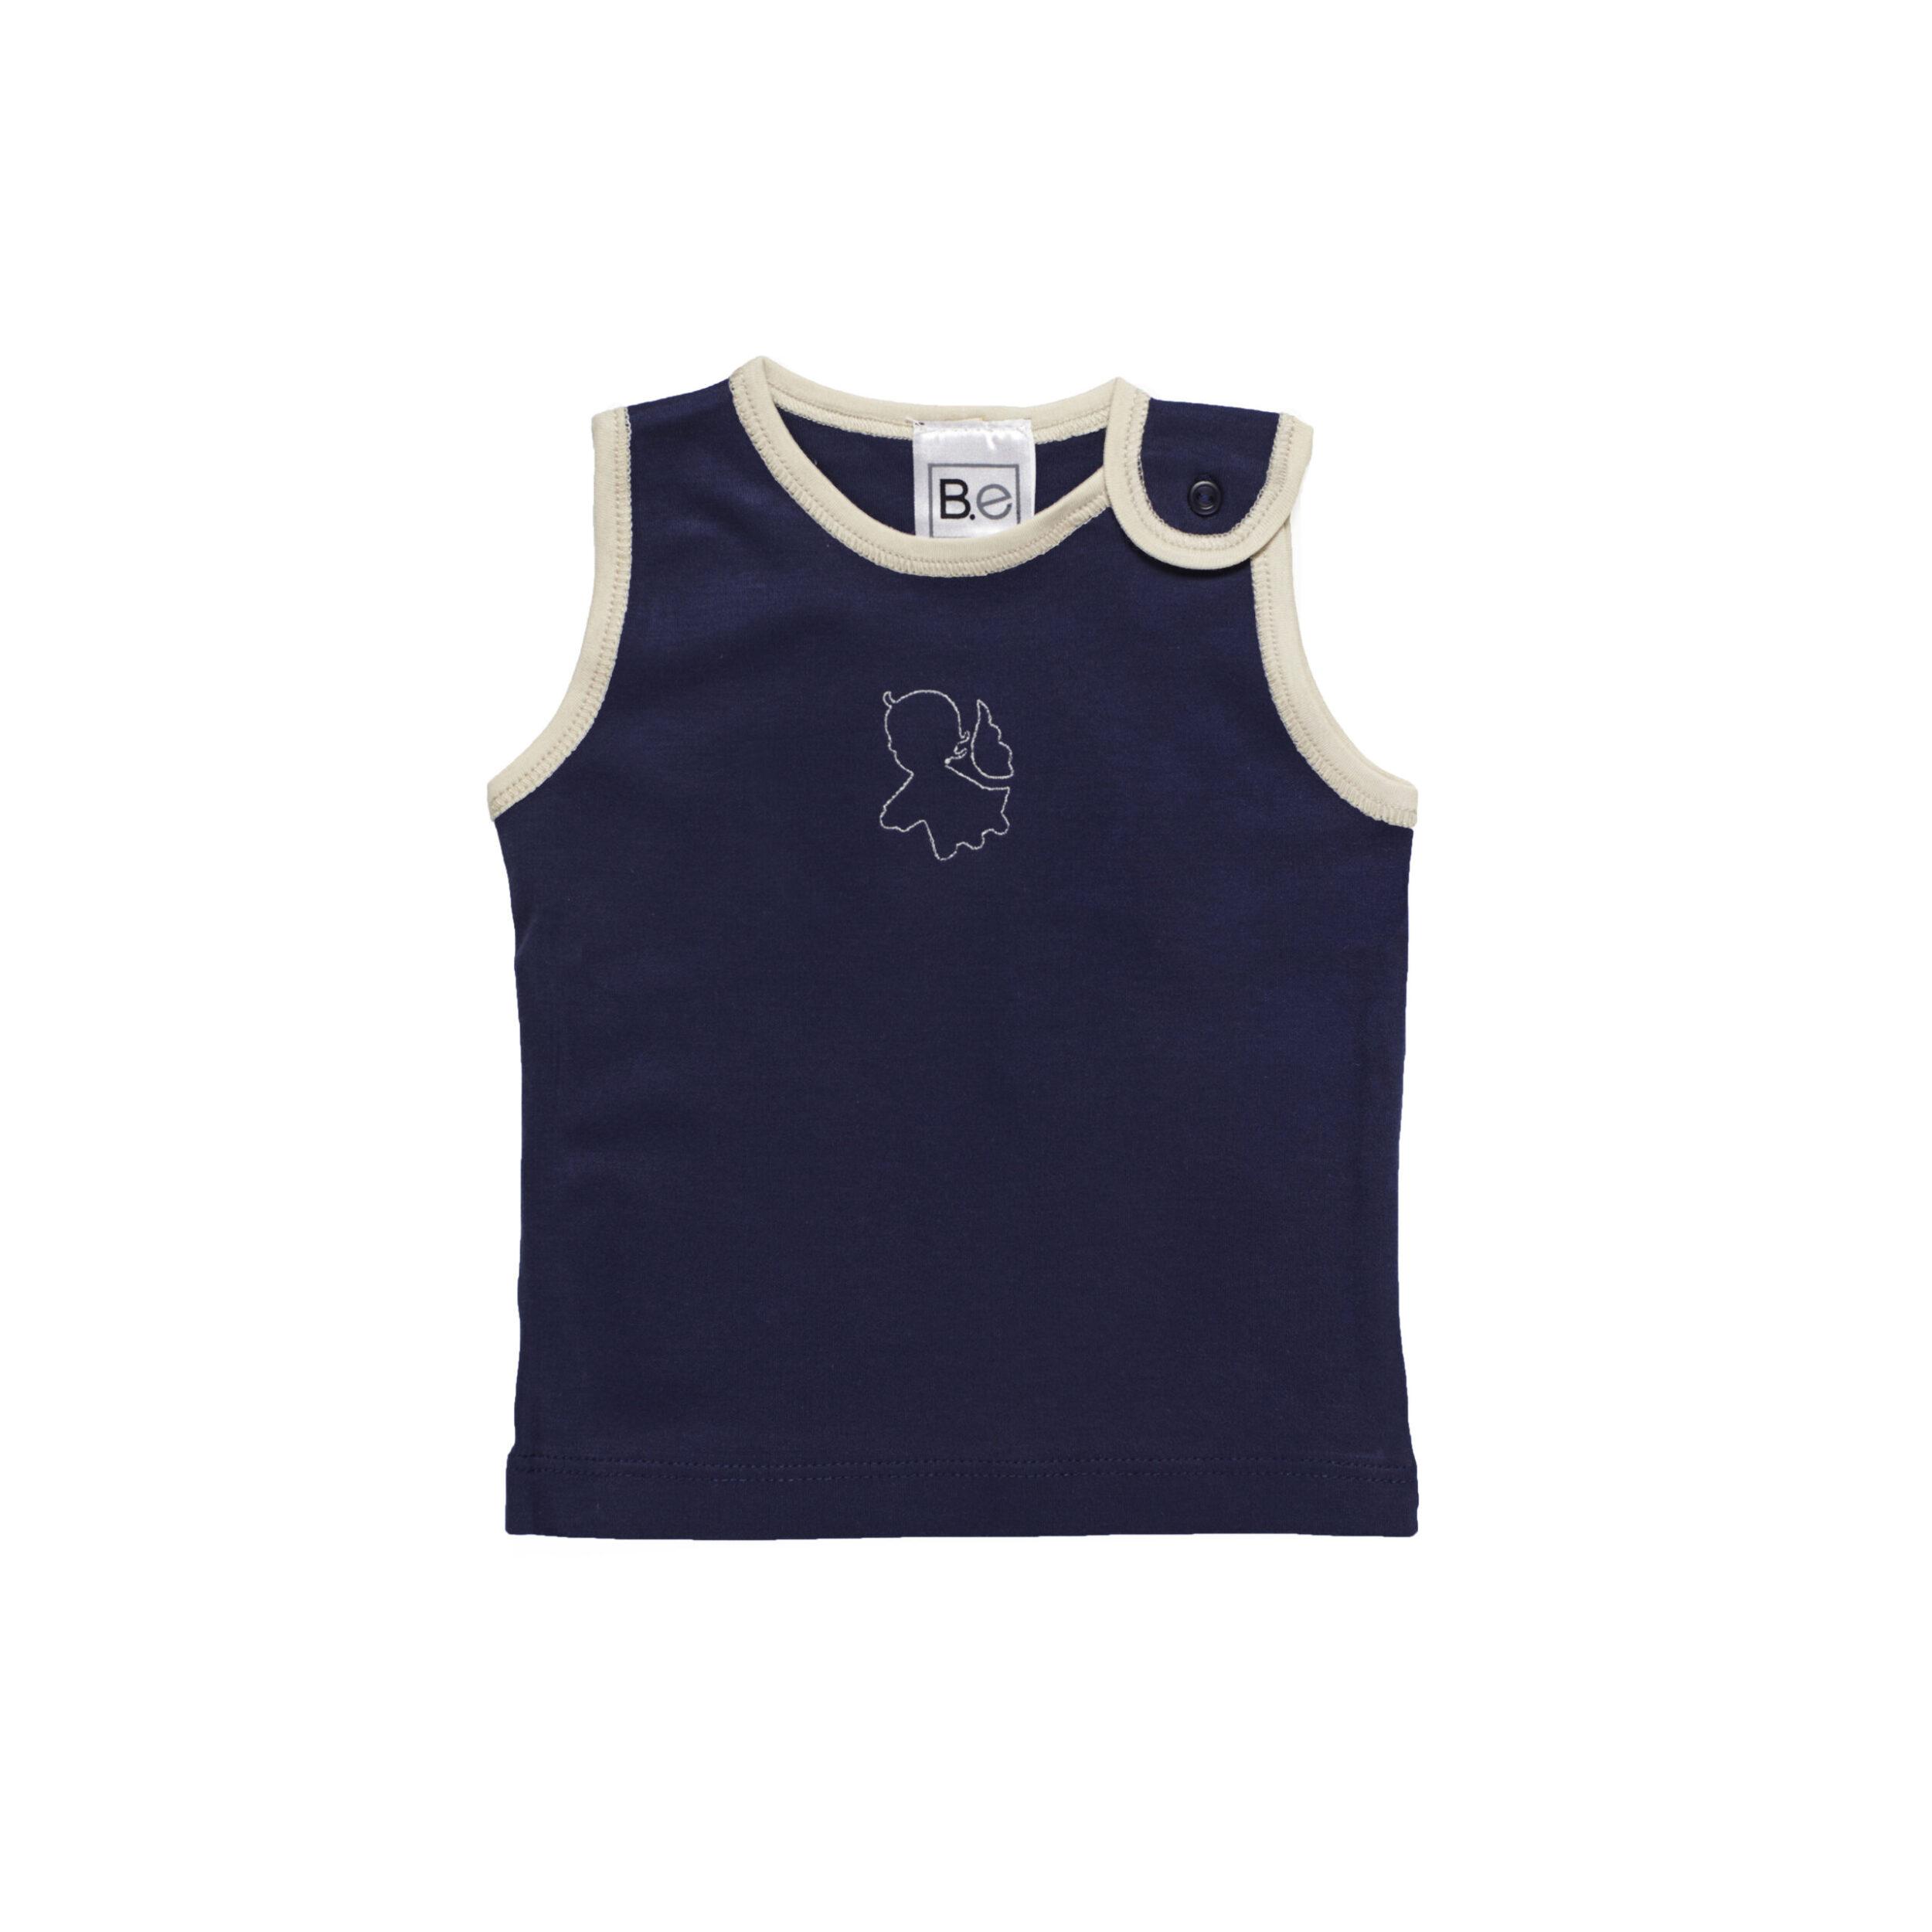 sleeveless tshirt baby organic pima cotton slowfashion quality blue